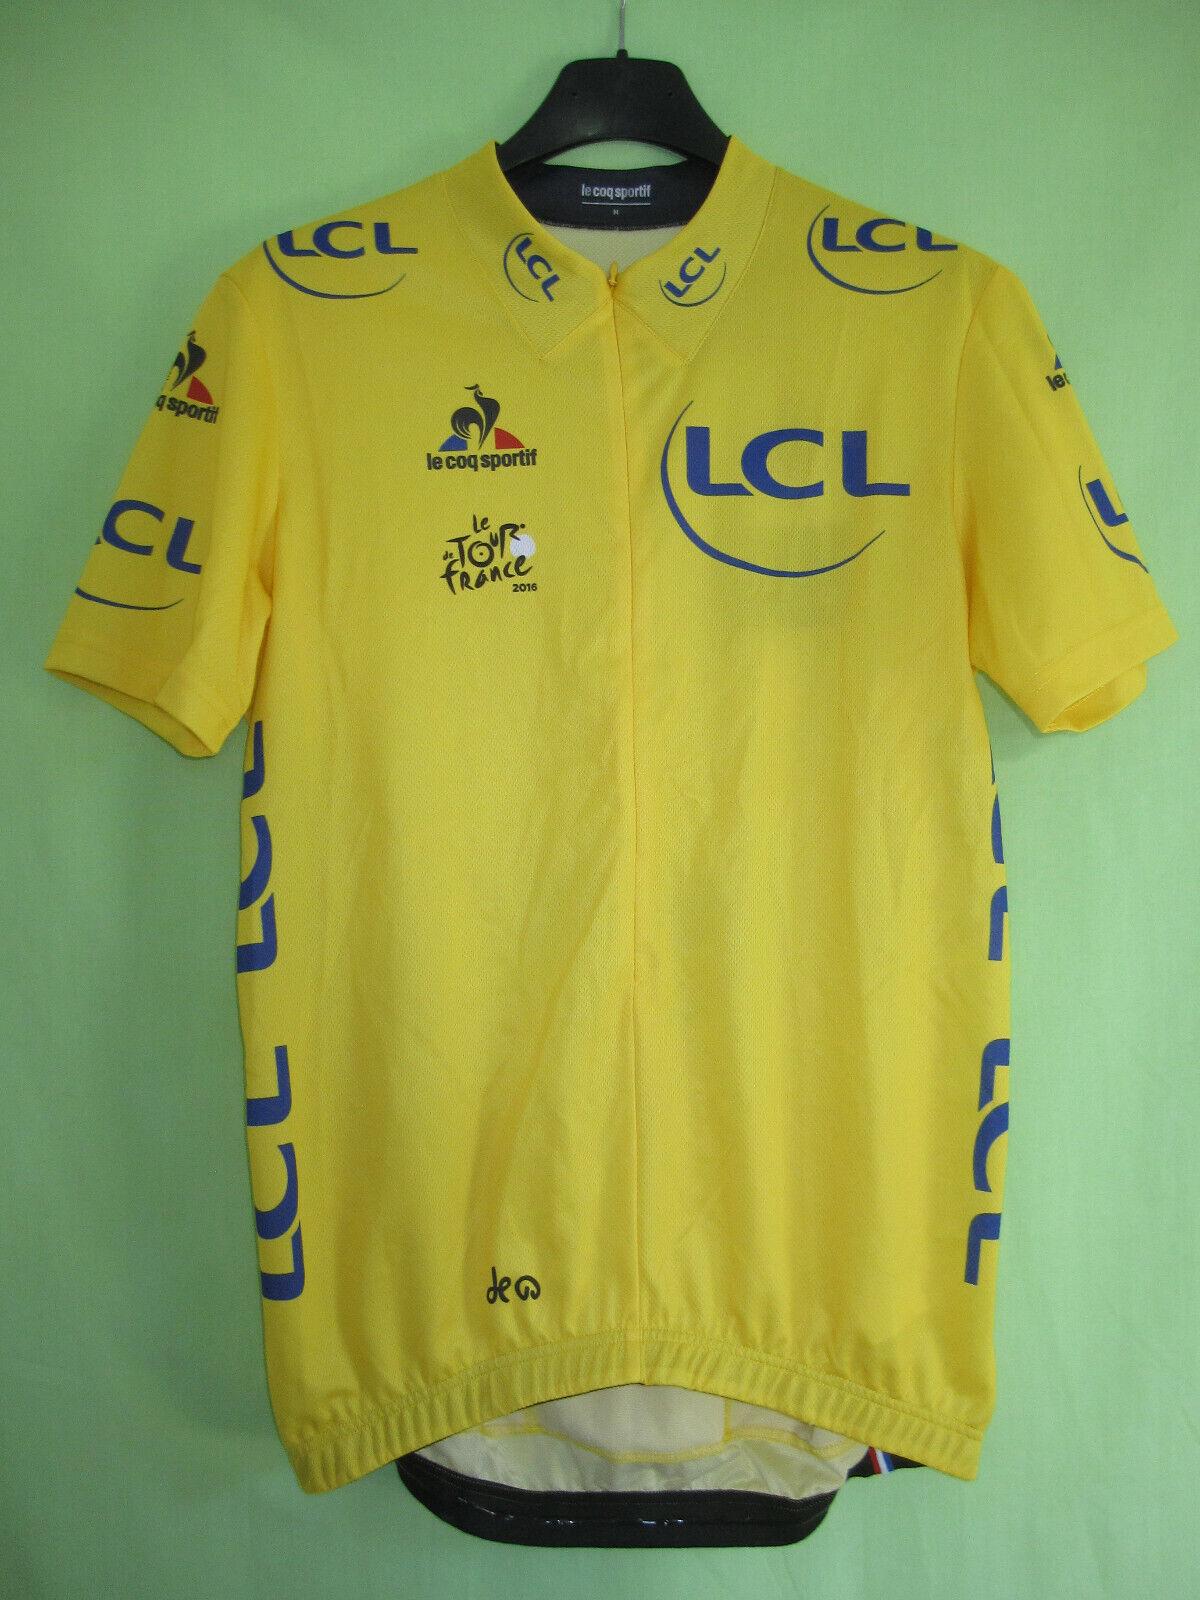 Gelb Radfahren jersey le coq sportif tour de france 2016 vintage jersey-m